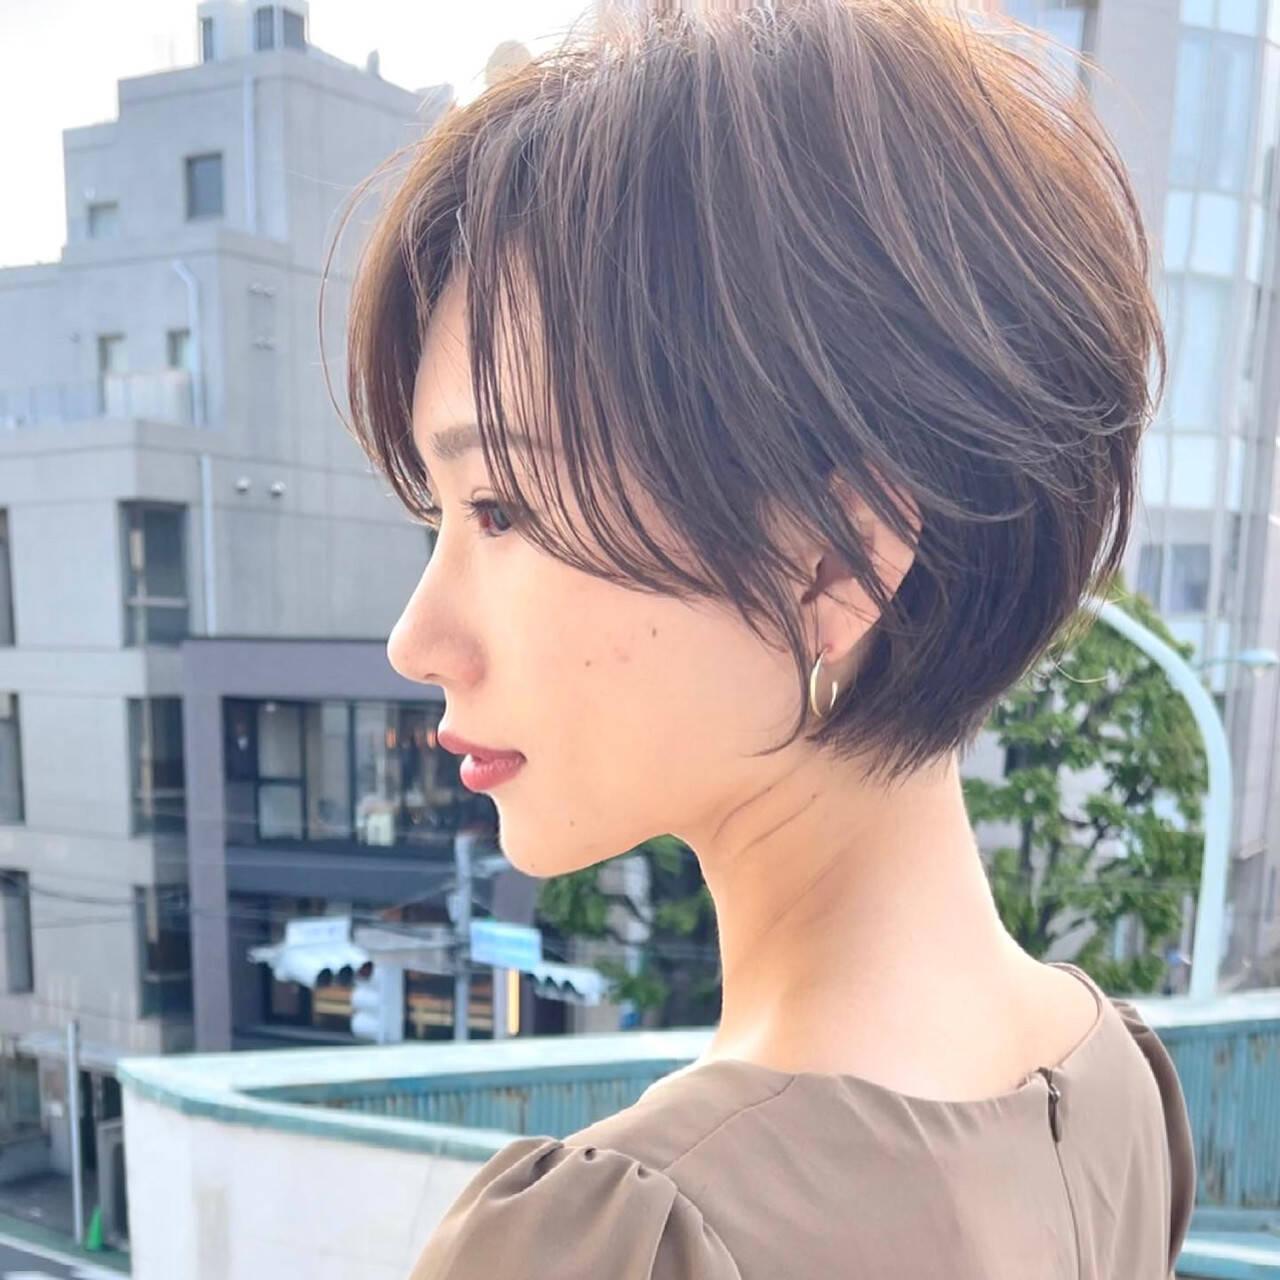 ハンサムショート フェミニン ミニボブ ショートカットヘアスタイルや髪型の写真・画像